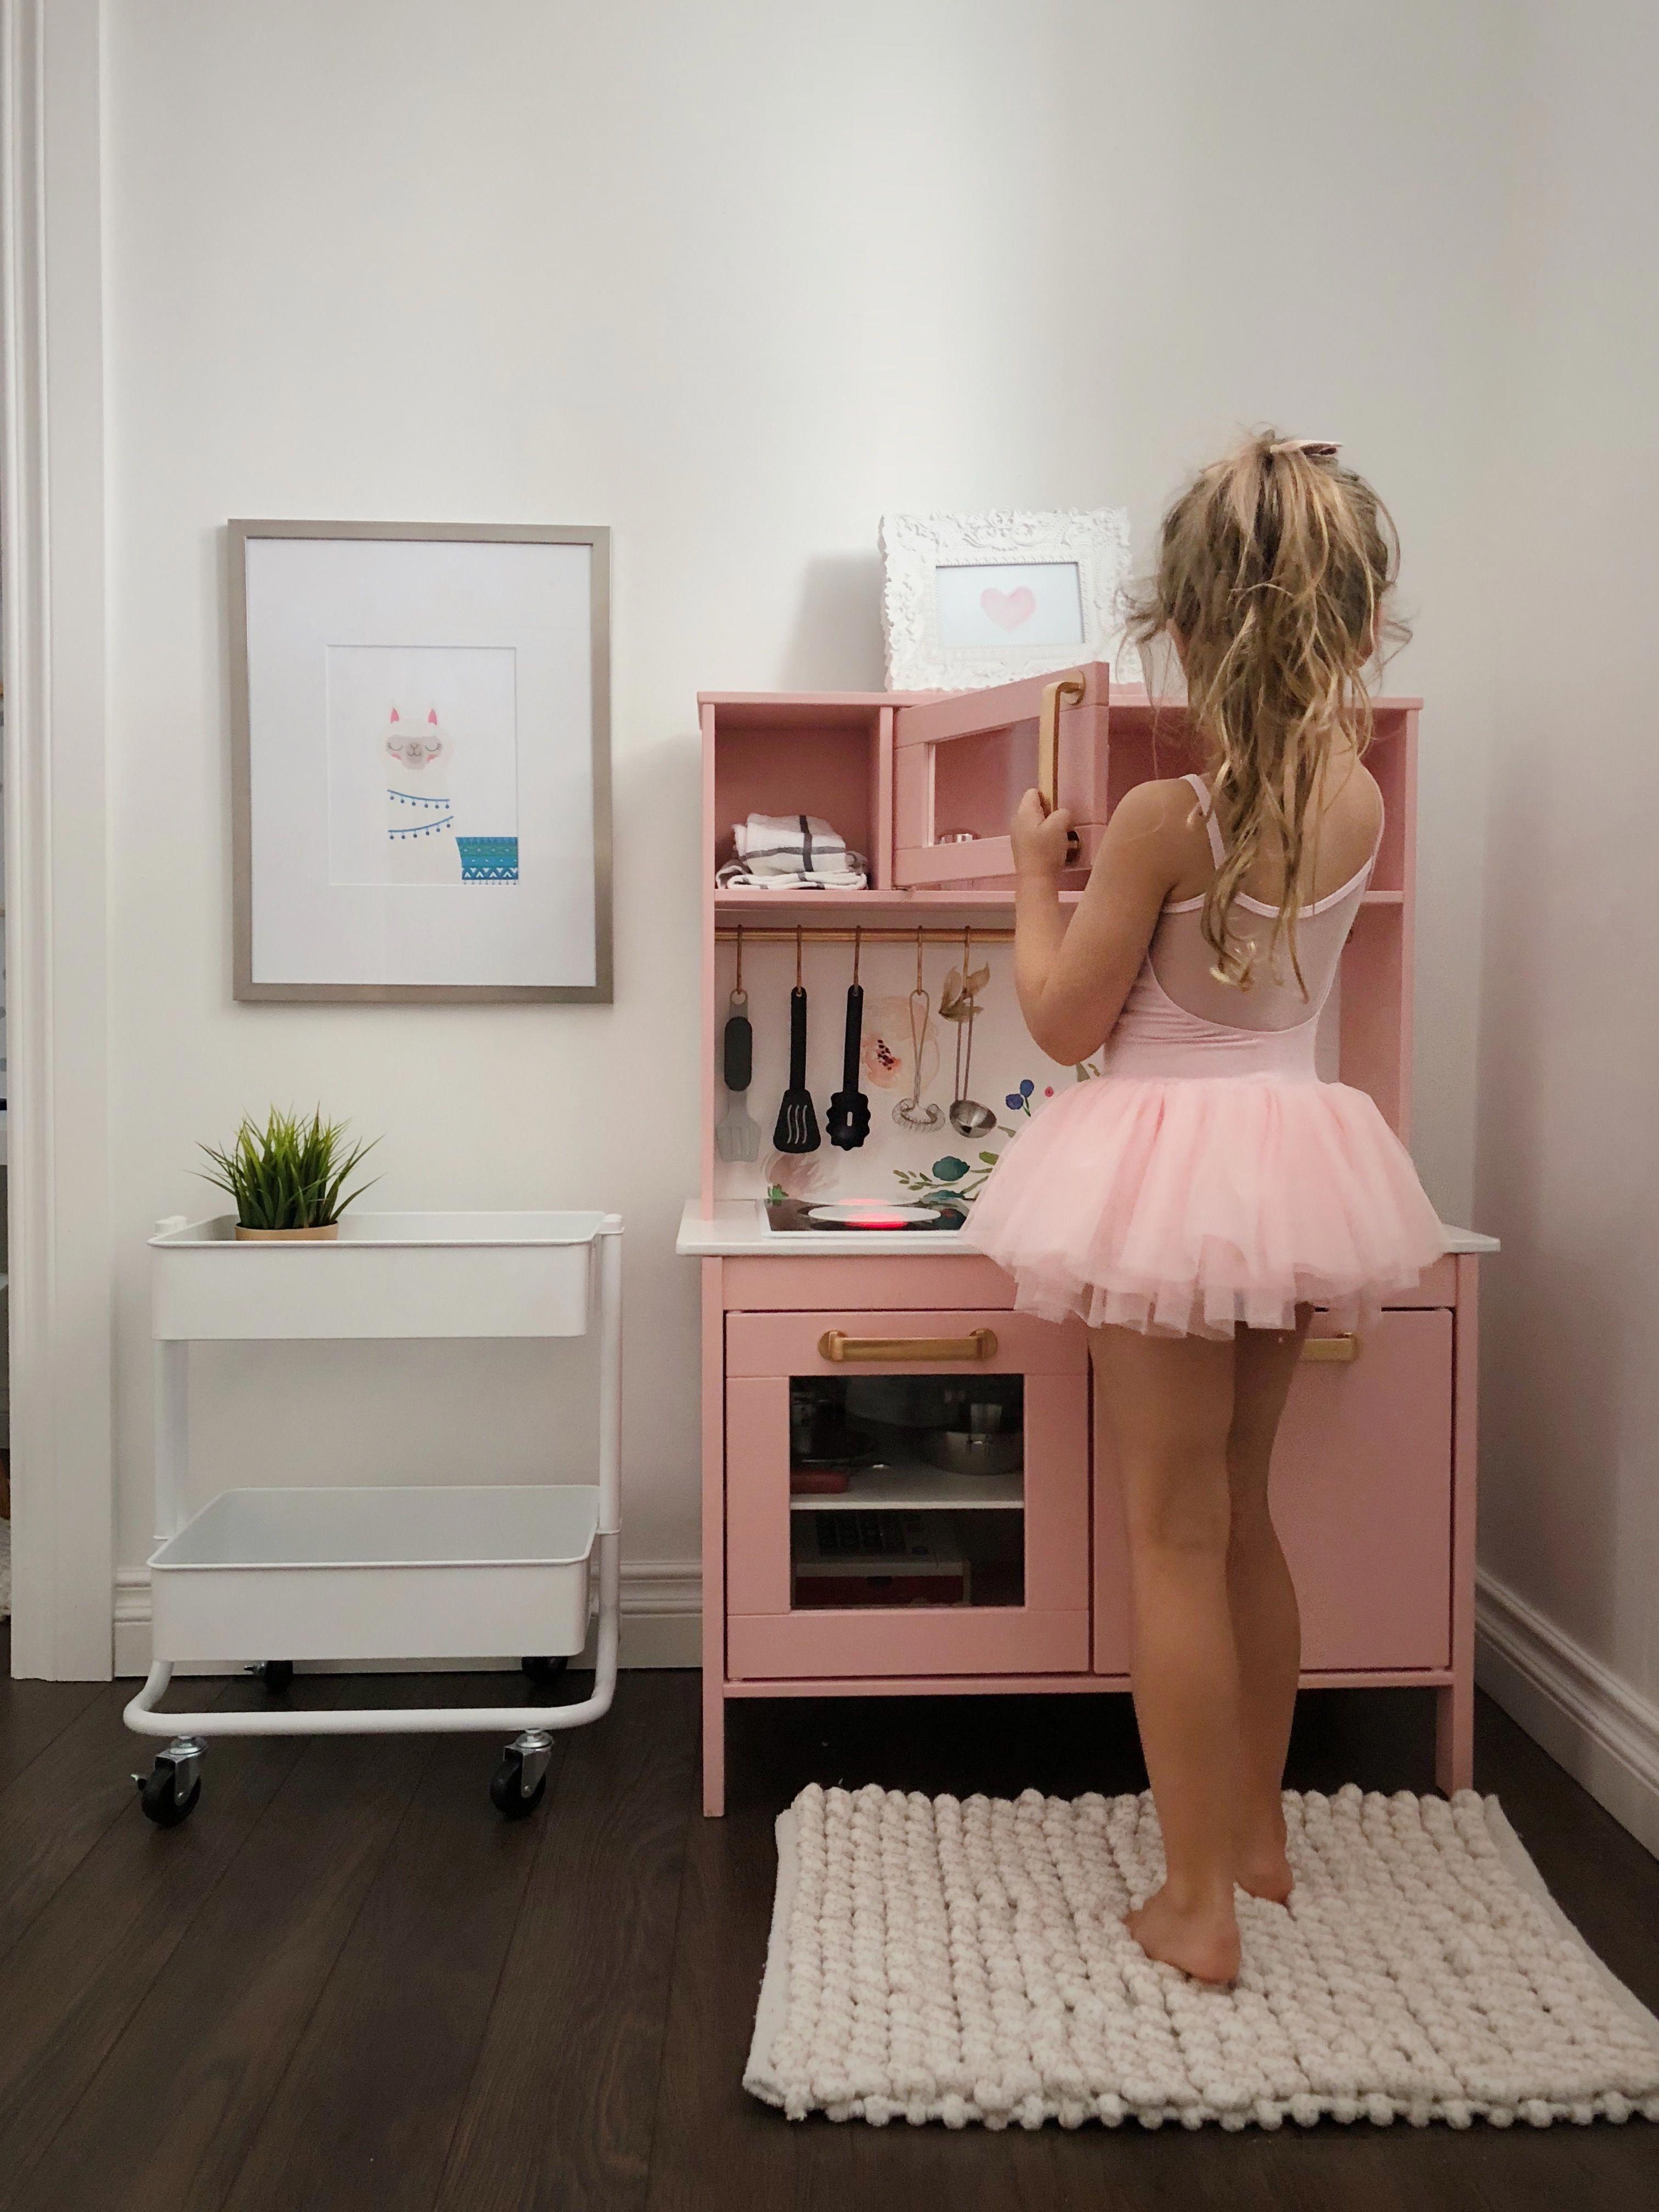 IKEA play kitchen hack #kidstoykitchen   Ikea play kitchen. Kid room decor. Ikea kids kitchen